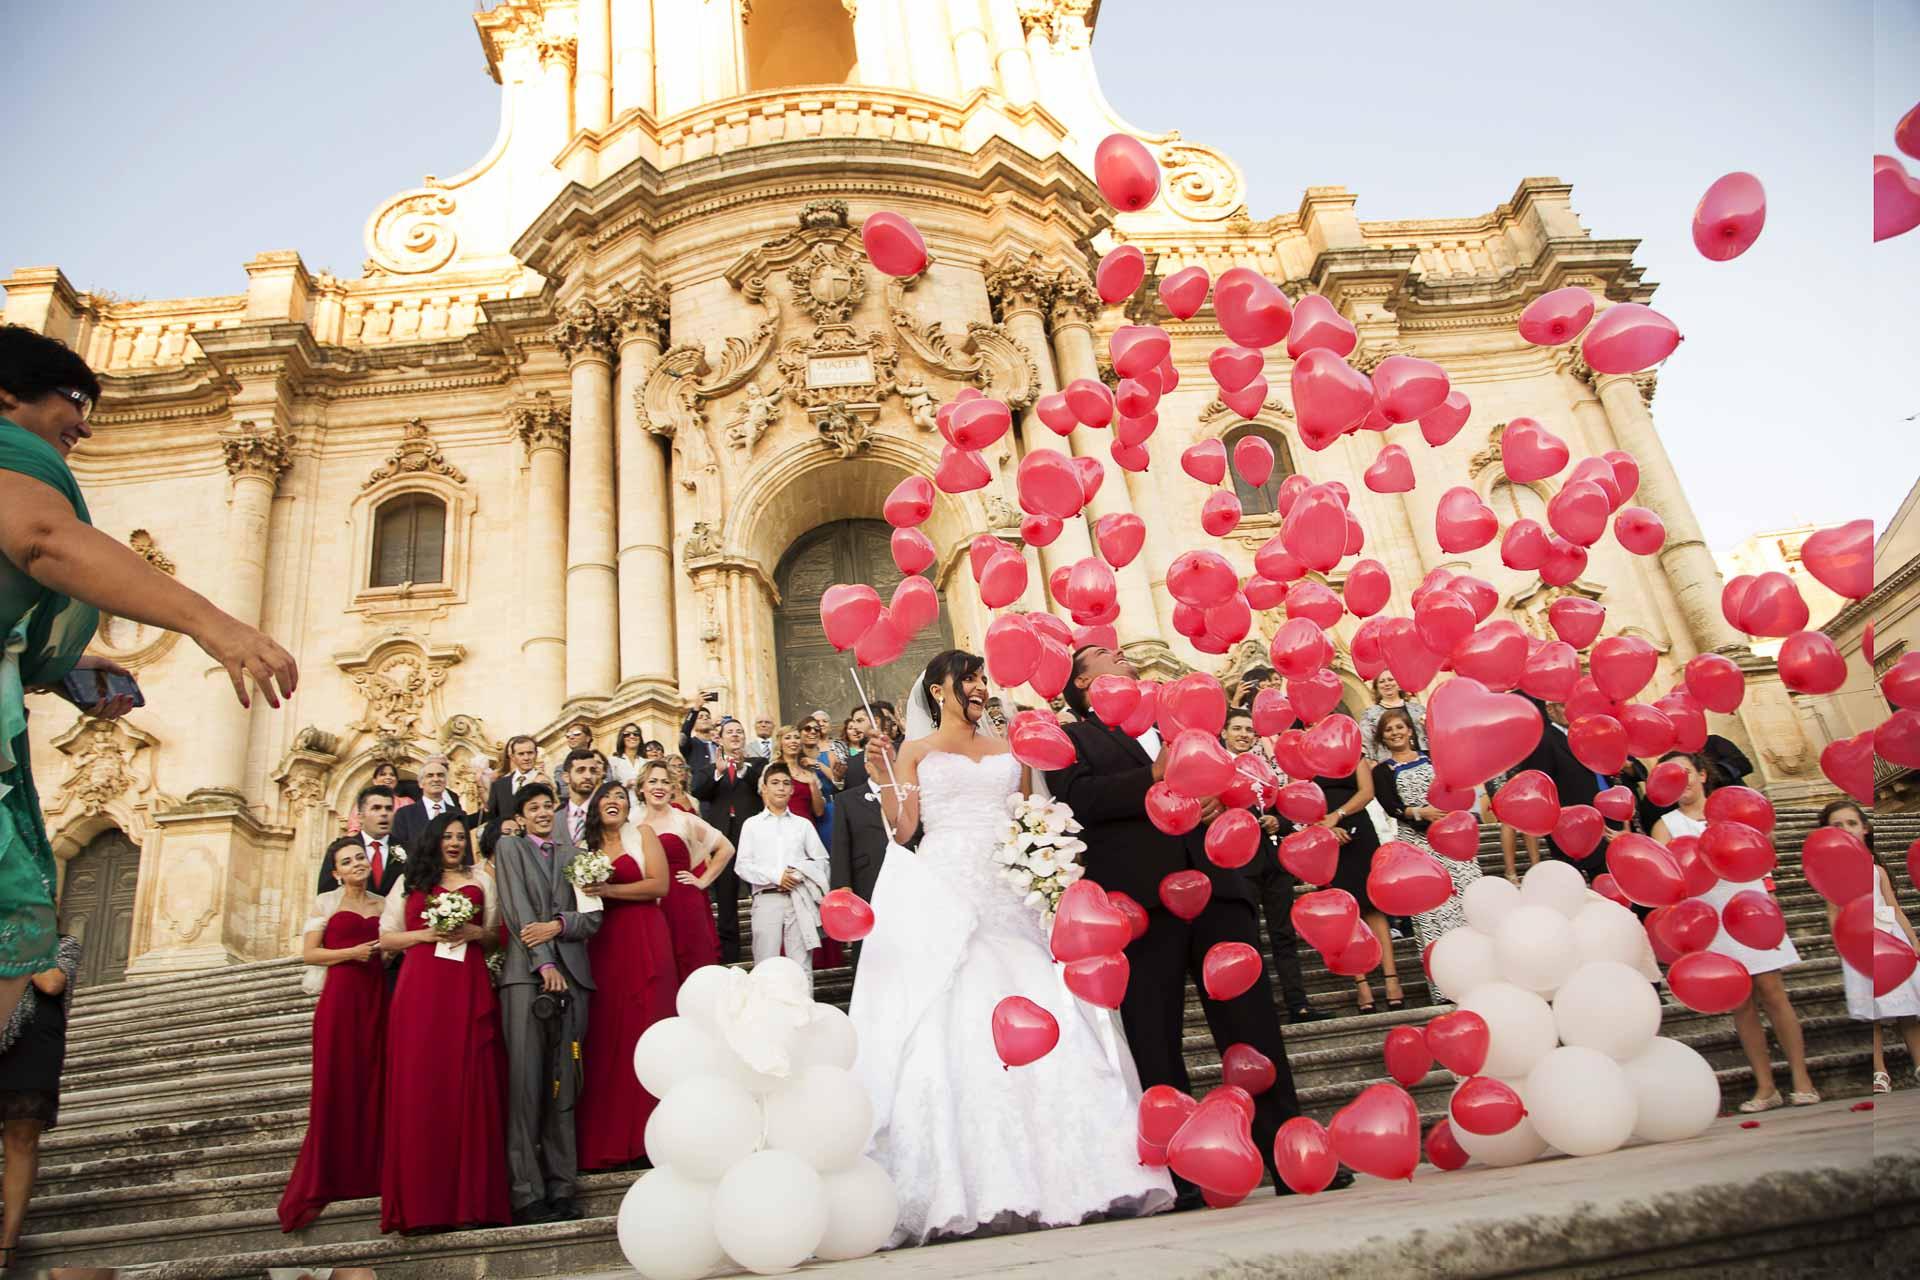 Uscita della chiesa di Modica gli Sposi lanciano i Palloncini Fotografi pronti